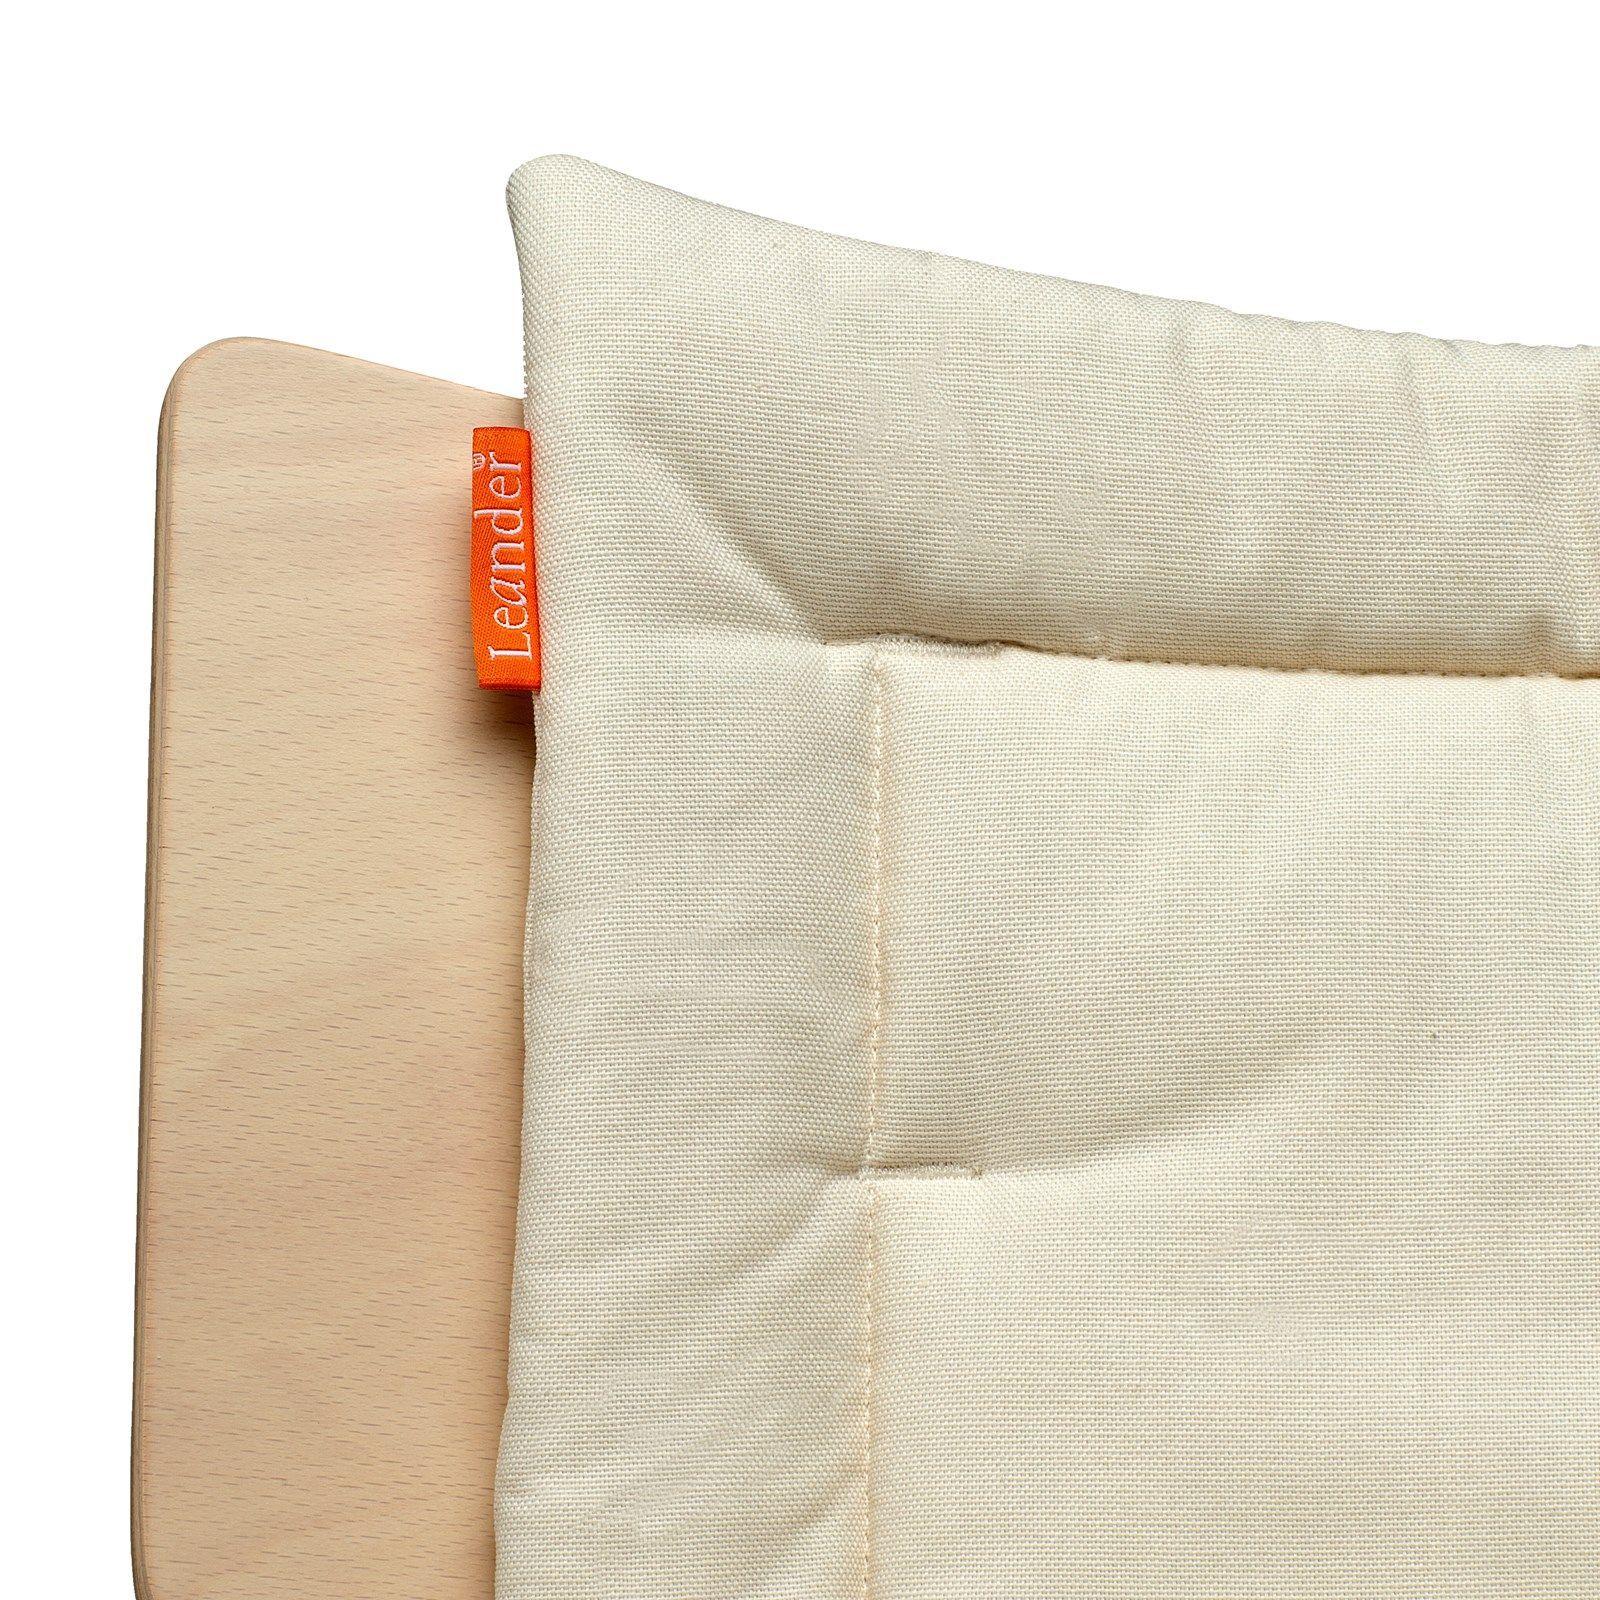 Coussin chaise haute Leander modèle 2018 Leander